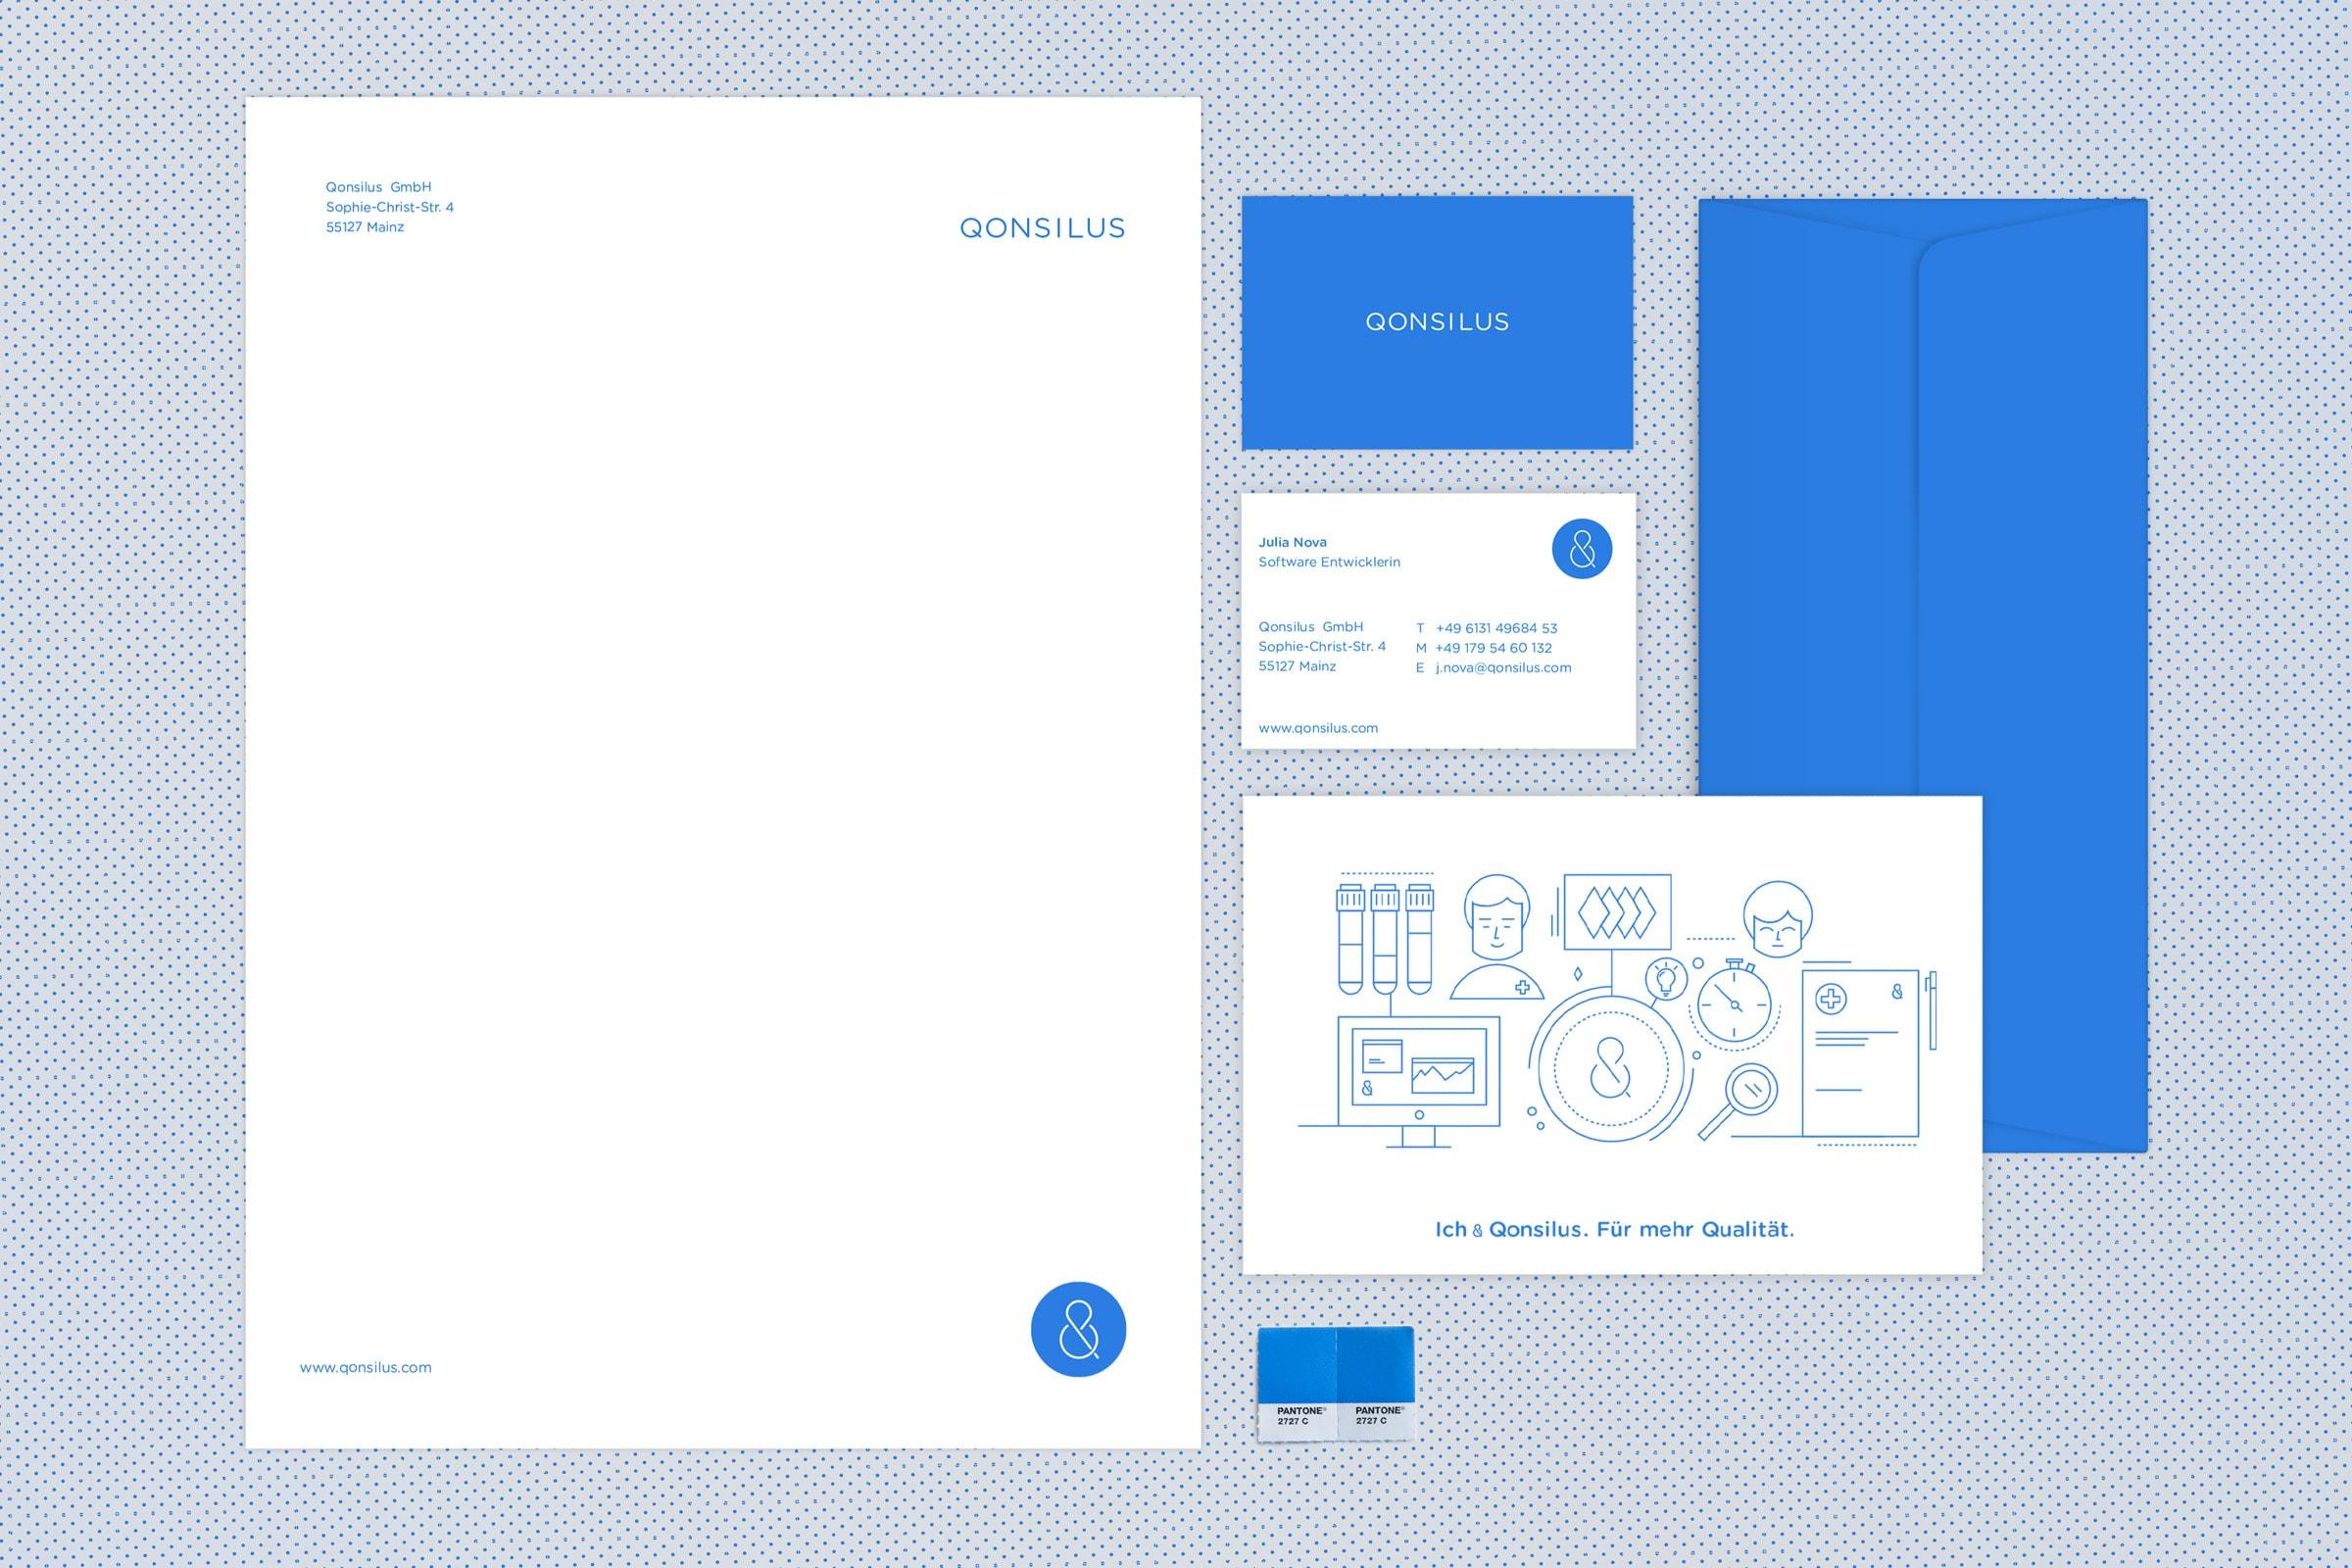 Qonsilus, Corporate Design, Geschäftsausstattung